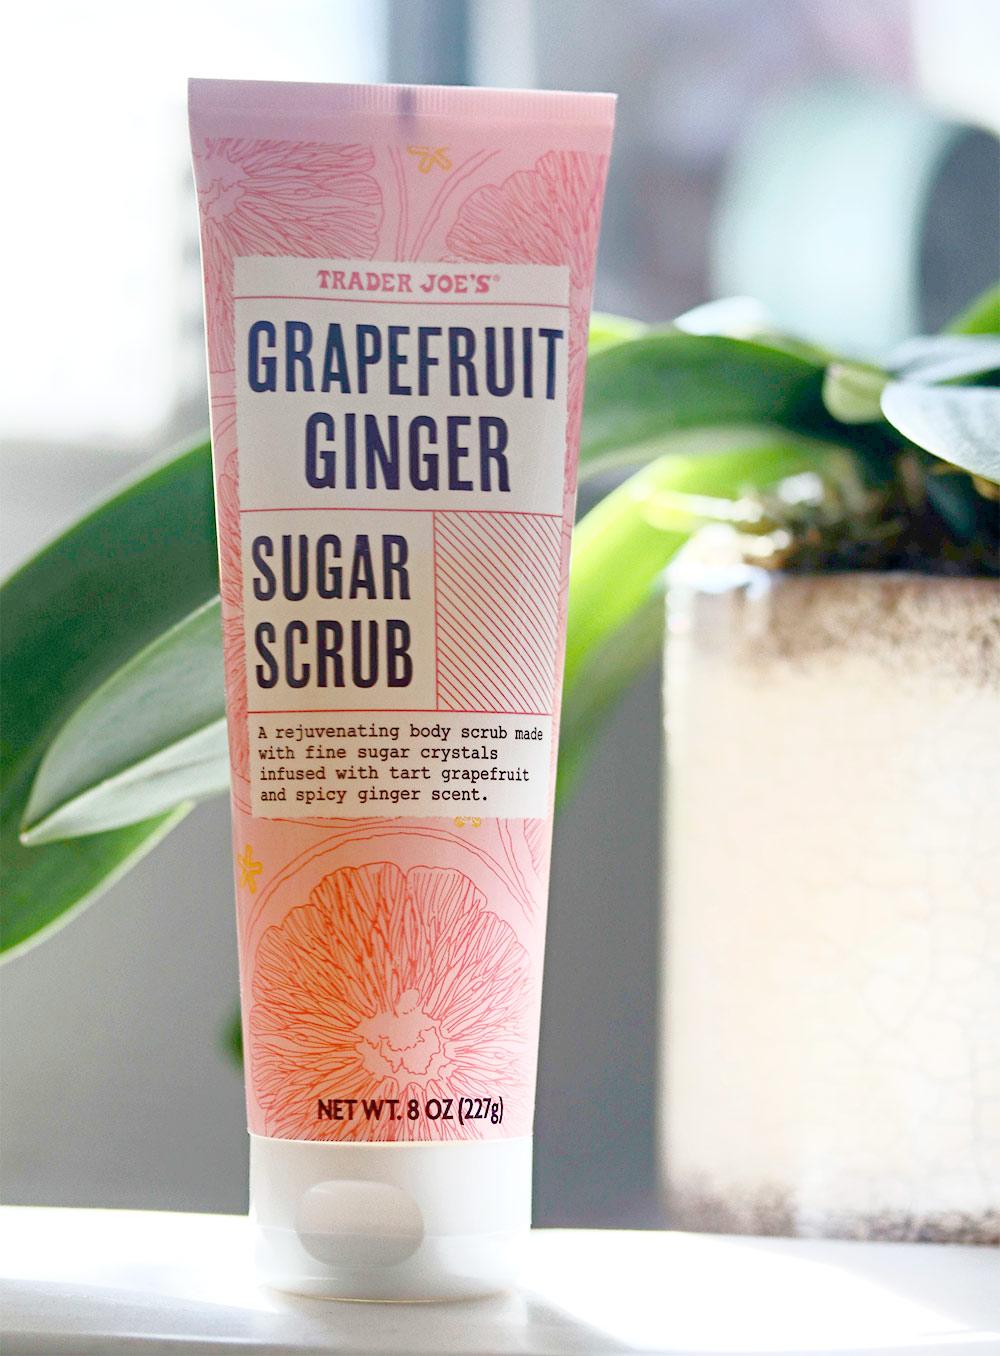 trader joes grapefruit ginger sugar scrub